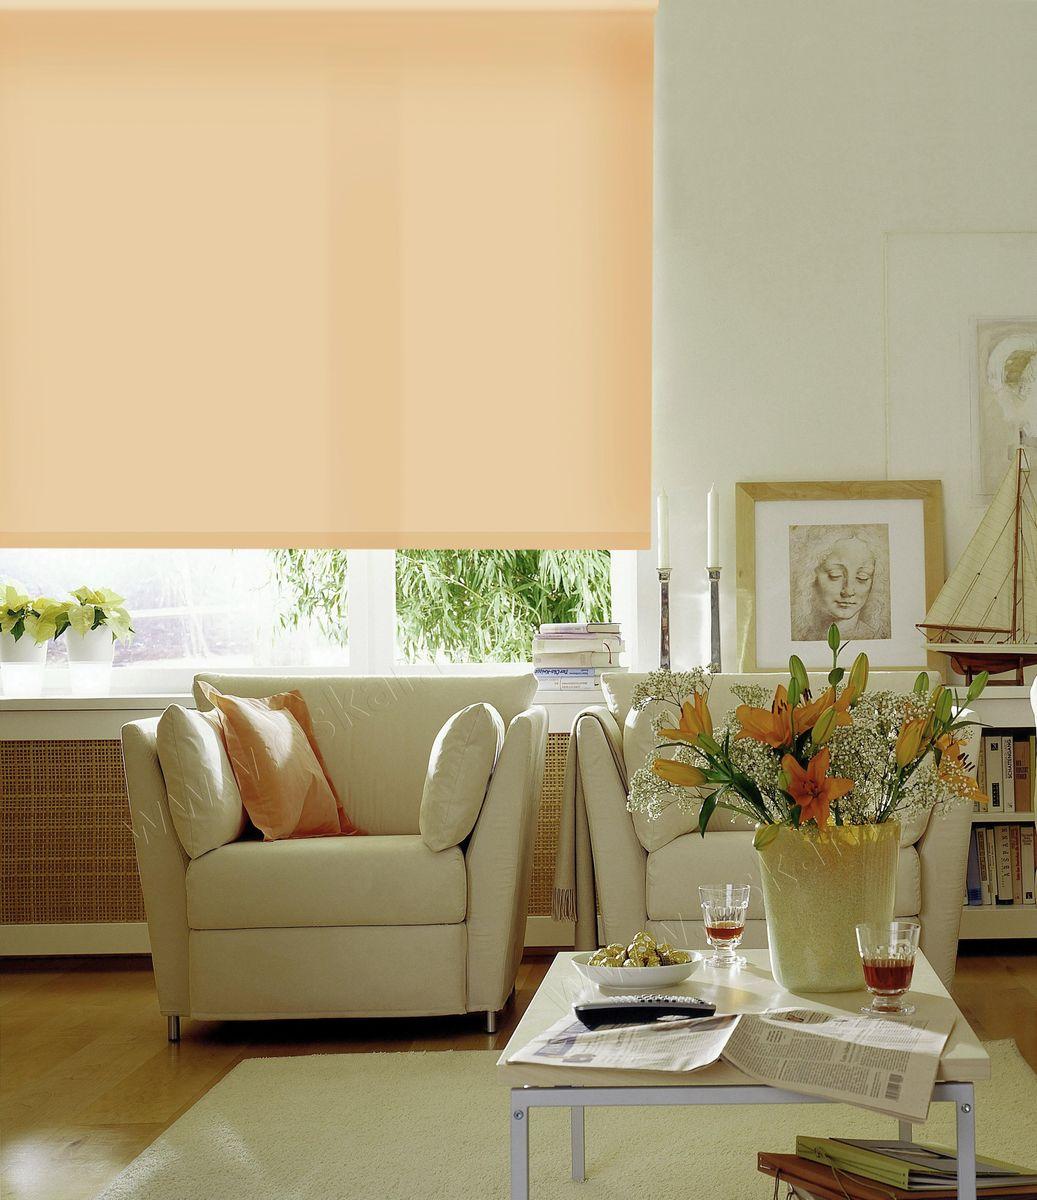 Штора рулонная Эскар, цвет: светло-абрикосовый, ширина 80 см, высота 170 см81112080170Рулонными шторами можно оформлять окна как самостоятельно, так и использовать в комбинации с портьерами. Это поможет предотвратить выгорание дорогой ткани на солнце и соединит функционал рулонных с красотой навесных.Преимущества применения рулонных штор для пластиковых окон:- имеют прекрасный внешний вид: многообразие и фактурность материала изделия отлично смотрятся в любом интерьере; - многофункциональны: есть возможность подобрать шторы способные эффективно защитить комнату от солнца, при этом о на не будет слишком темной. - Есть возможность осуществить быстрый монтаж. ВНИМАНИЕ! Размеры ширины изделия указаны по ширине ткани!Во время эксплуатации не рекомендуется полностью разматывать рулон, чтобы не оторвать ткань от намоточного вала.В случае загрязнения поверхности ткани, чистку шторы проводят одним из способов, в зависимости от типа загрязнения: легкое поверхностное загрязнение можно удалить при помощи канцелярского ластика; чистка от пыли производится сухим методом при помощи пылесоса с мягкой щеткой-насадкой; для удаления пятна используйте мягкую губку с пенообразующим неагрессивным моющим средством или пятновыводитель на натуральной основе (нельзя применять растворители).